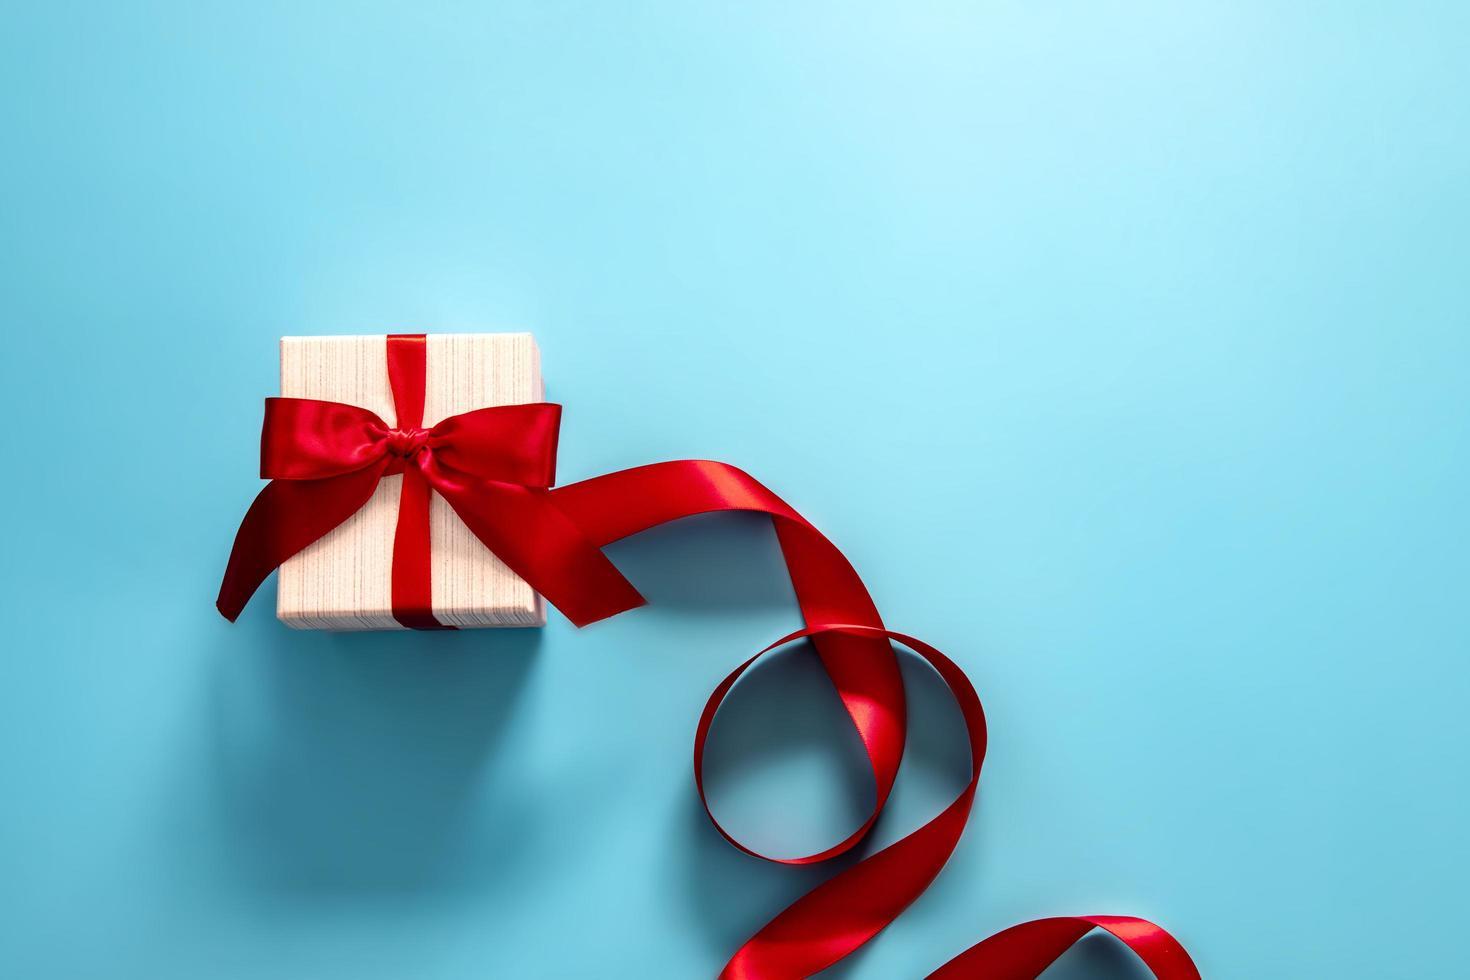 coffret cadeau avec ruban rouge sur fond bleu photo